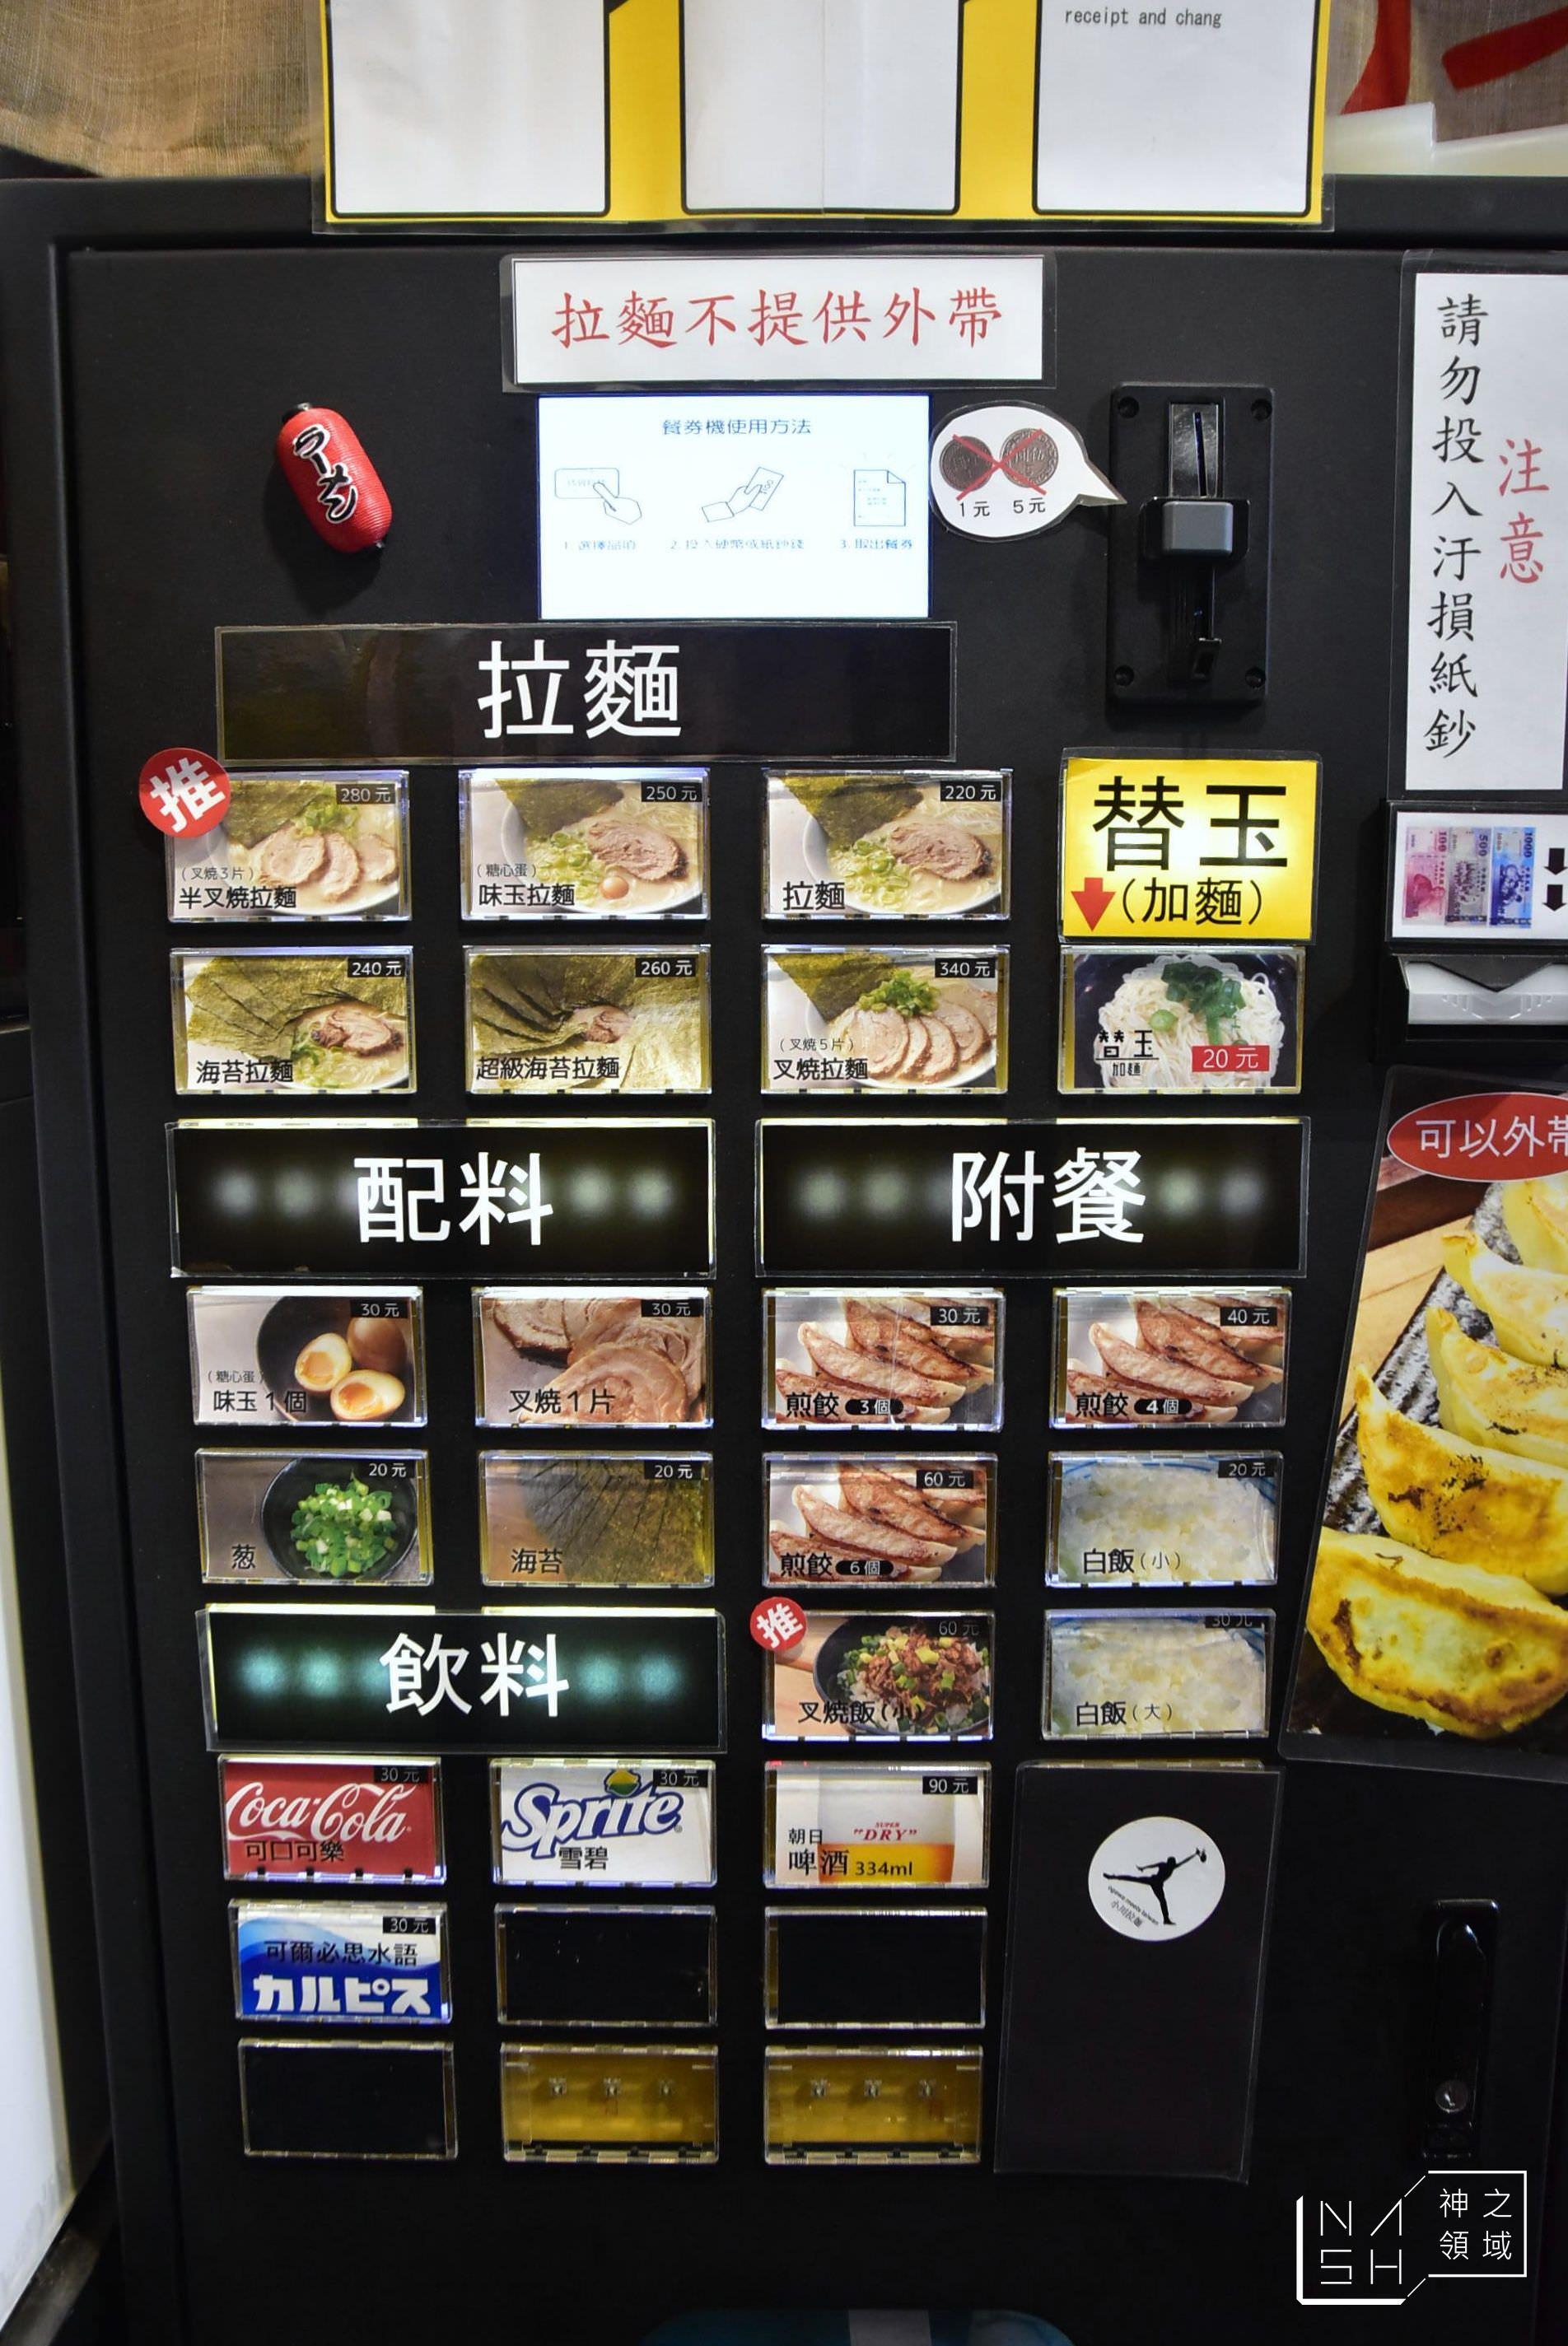 科技大樓美食推薦,小川拉麵